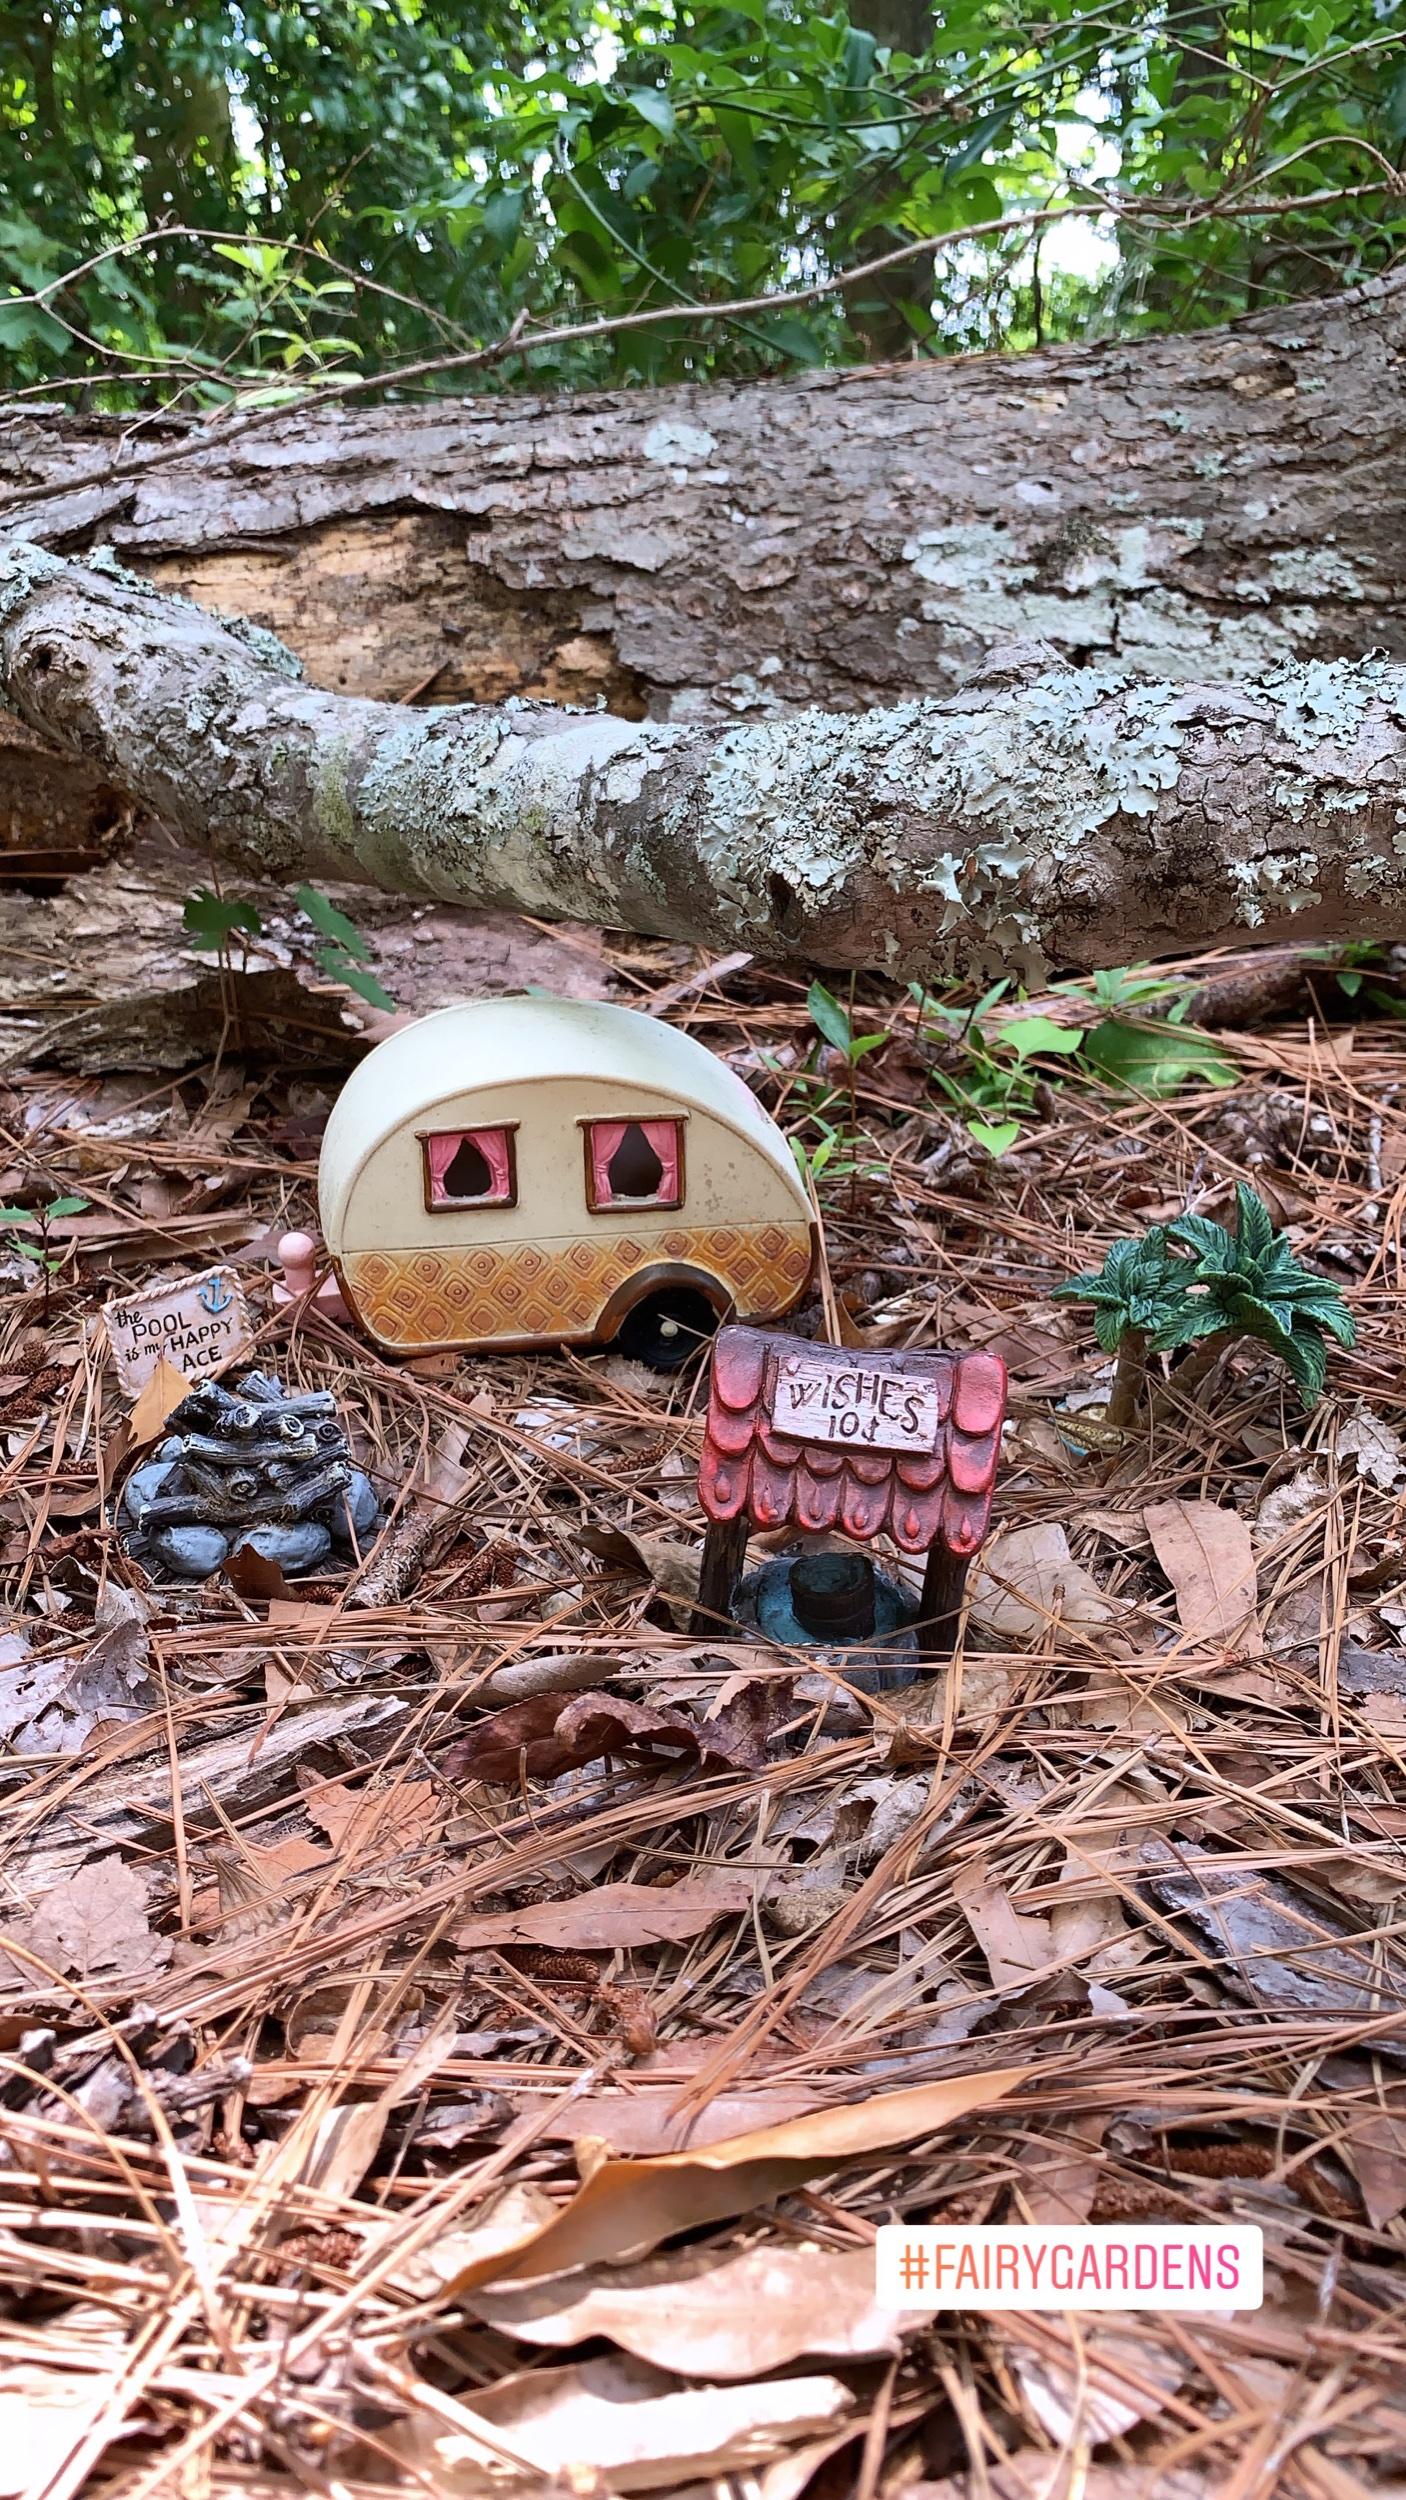 Fairy Gardens in Myrtle Beach- Rising Stories Podcast - Corine Sandifer